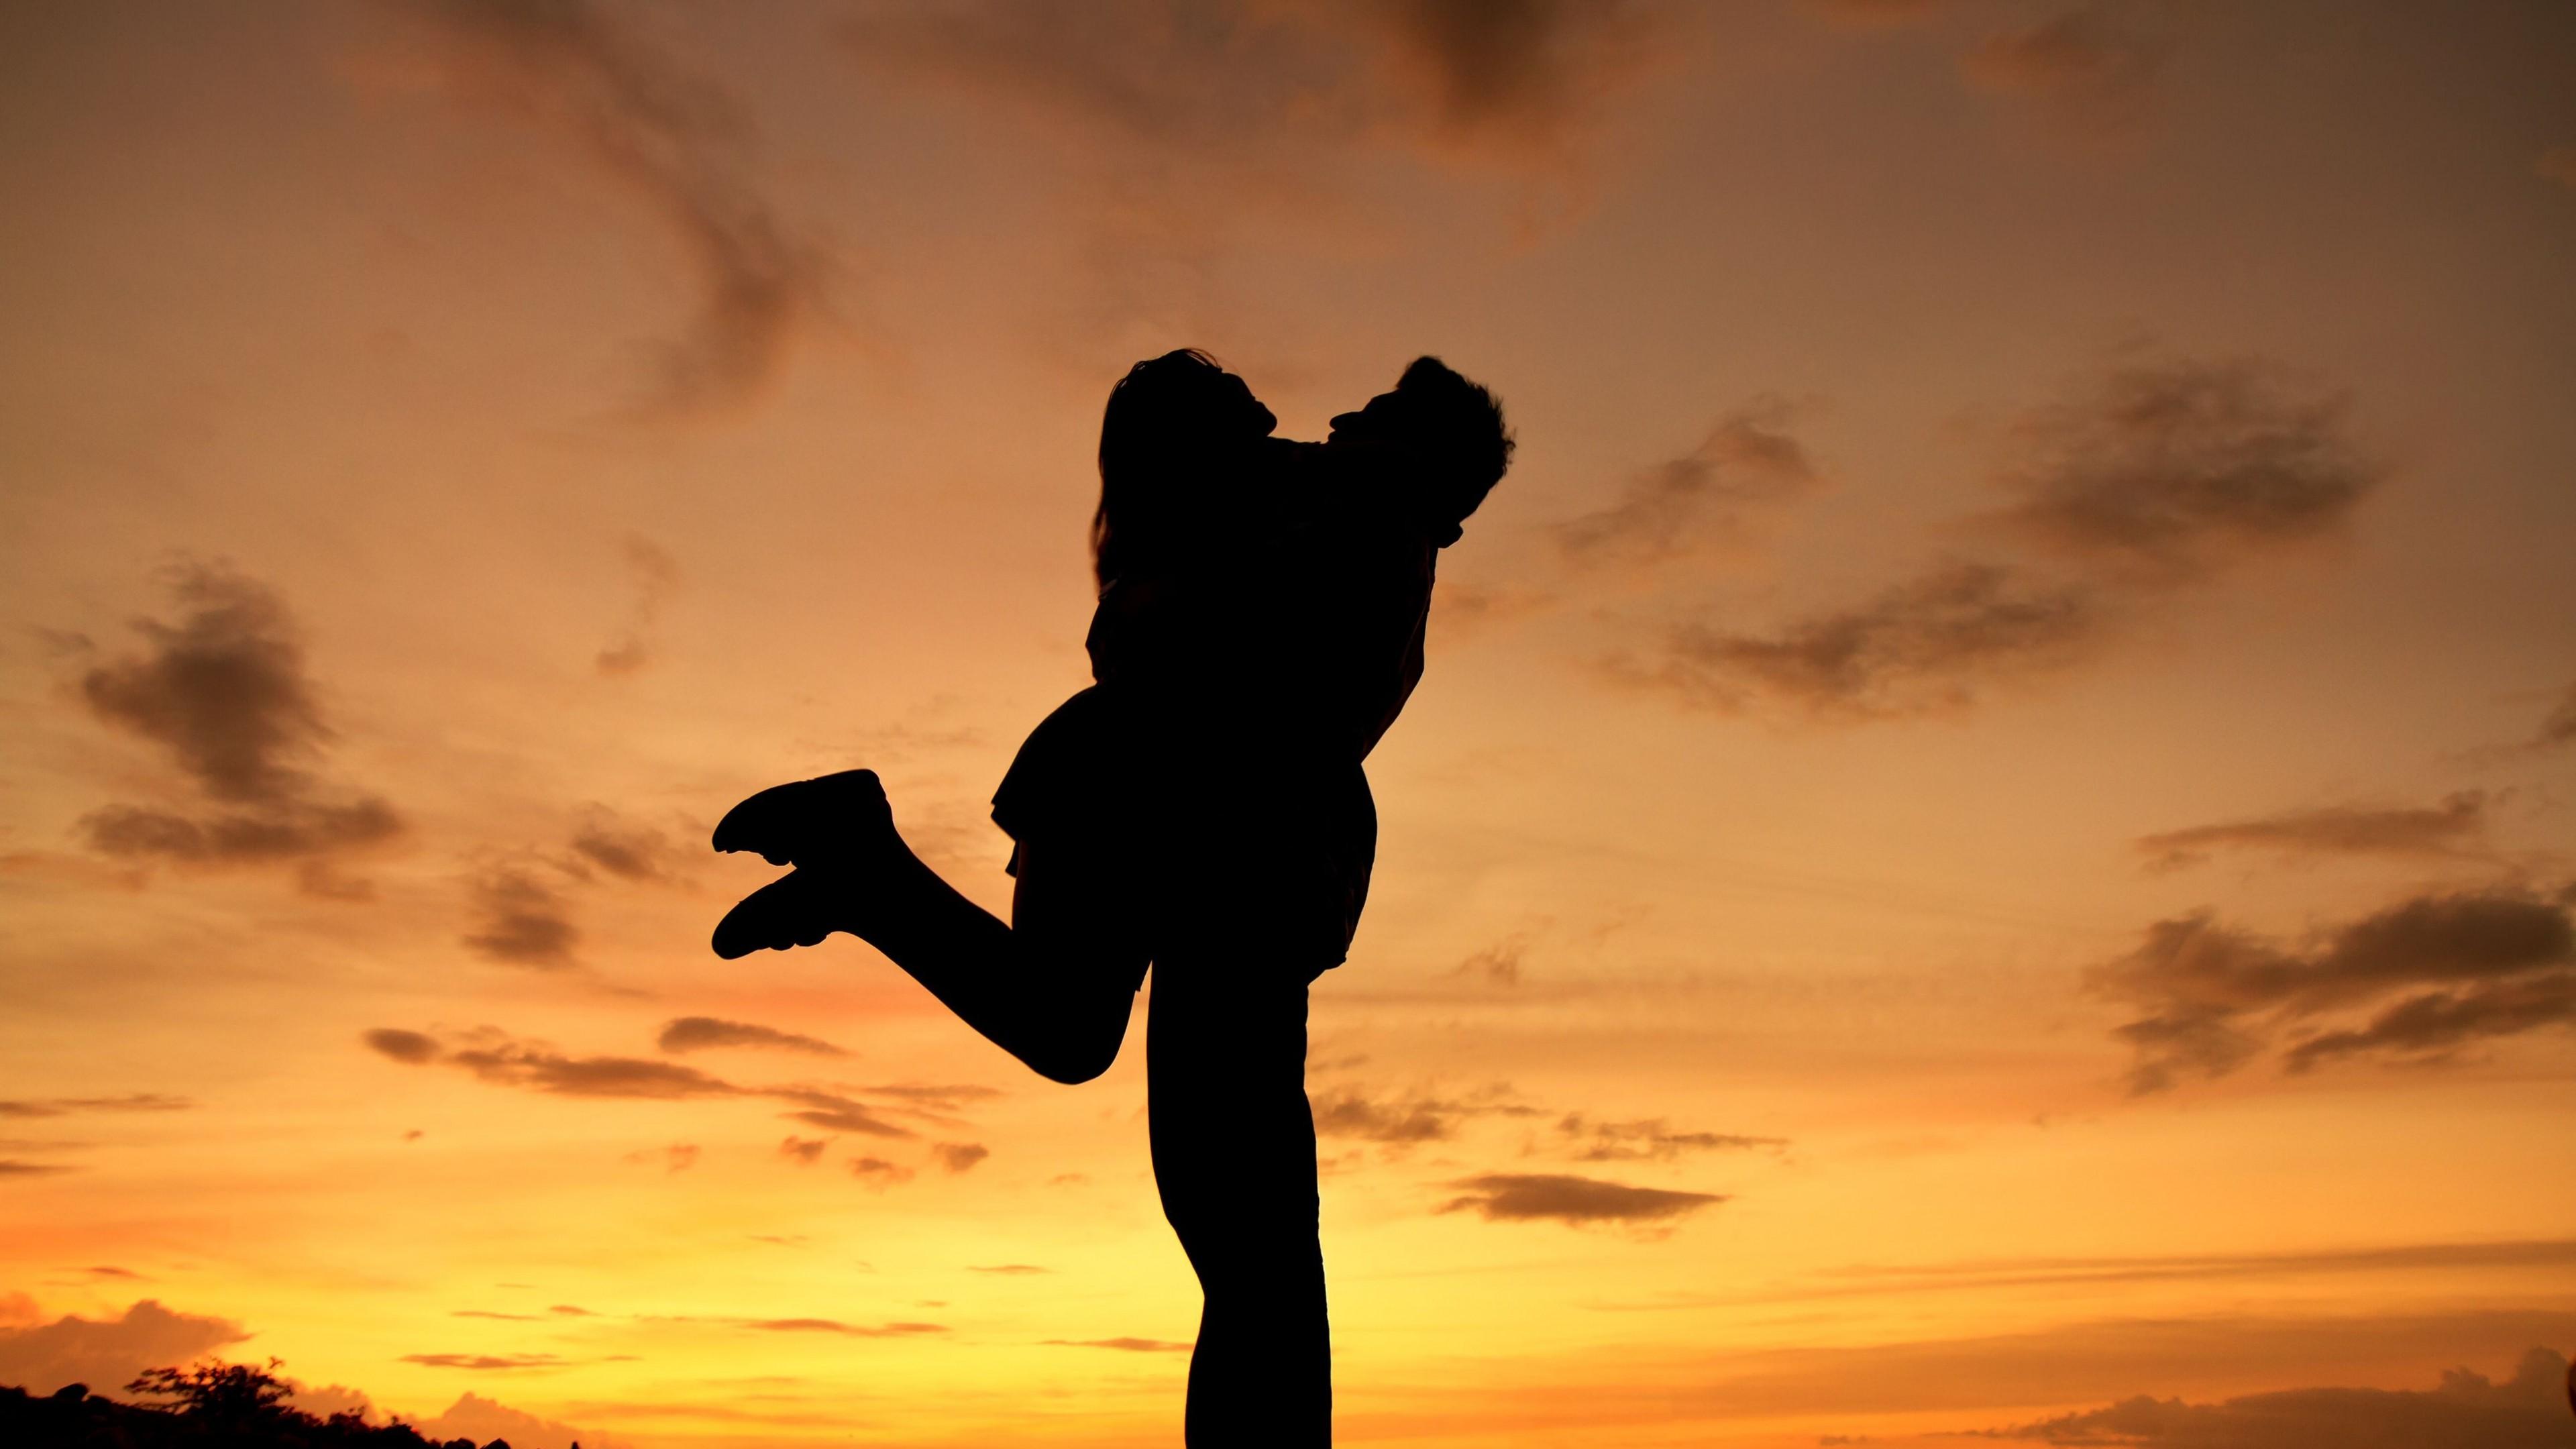 Силуэт влюбленных на фоне розово-желтого небосвода